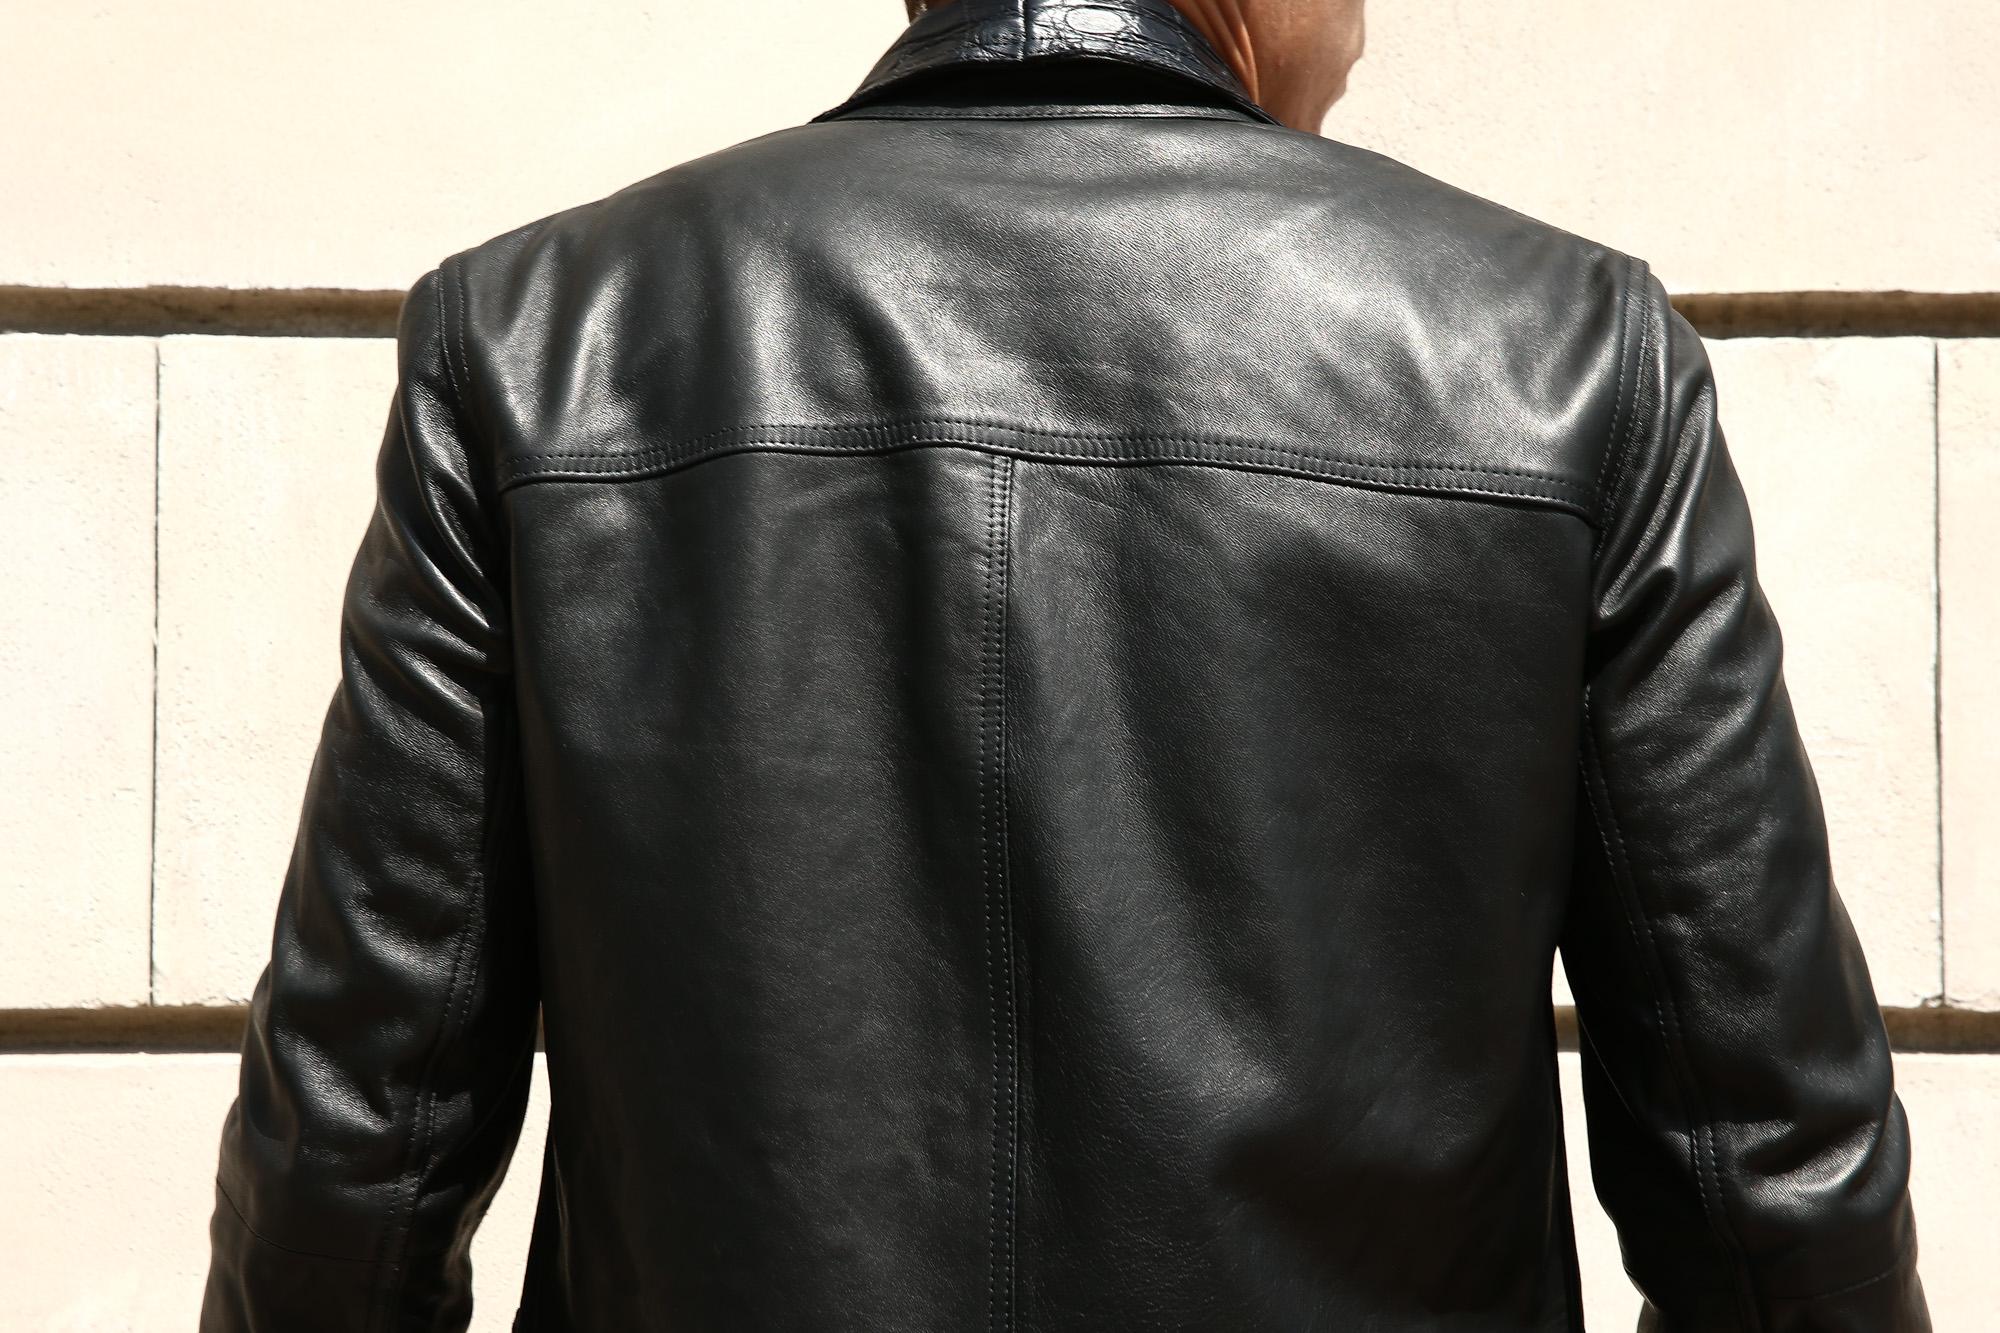 EMMETI (エンメティ) JAXON COCCODRILLO (ジャクソン コッコドリッロ) Lambskin Nappa Leather × Crocodile Leather ラムナッパレザー × クロコダイルレザー ジャケット NERO (ブラック・190/1) Made in italy (イタリア製) 2018 秋冬 emmeti エンメティ 愛知 名古屋 ZODIAC ゾディアック